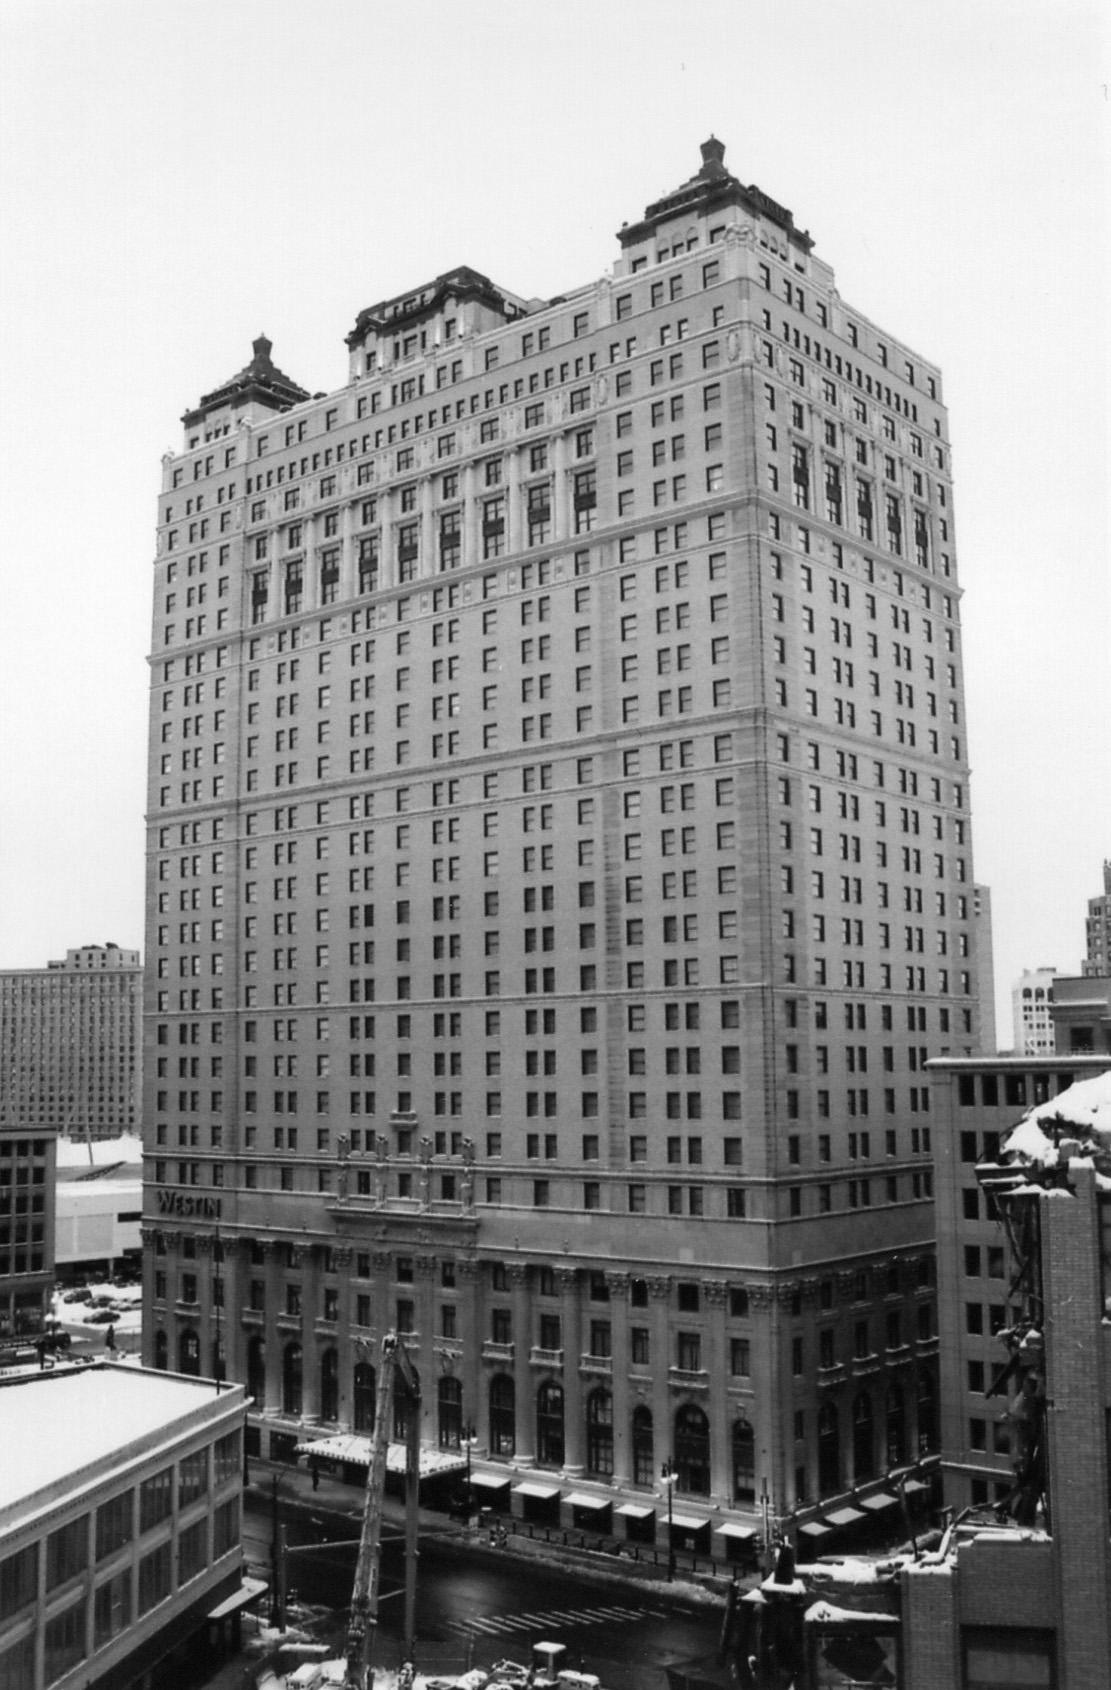 westin_book_cadillac_hotel_1924-2008.jpg